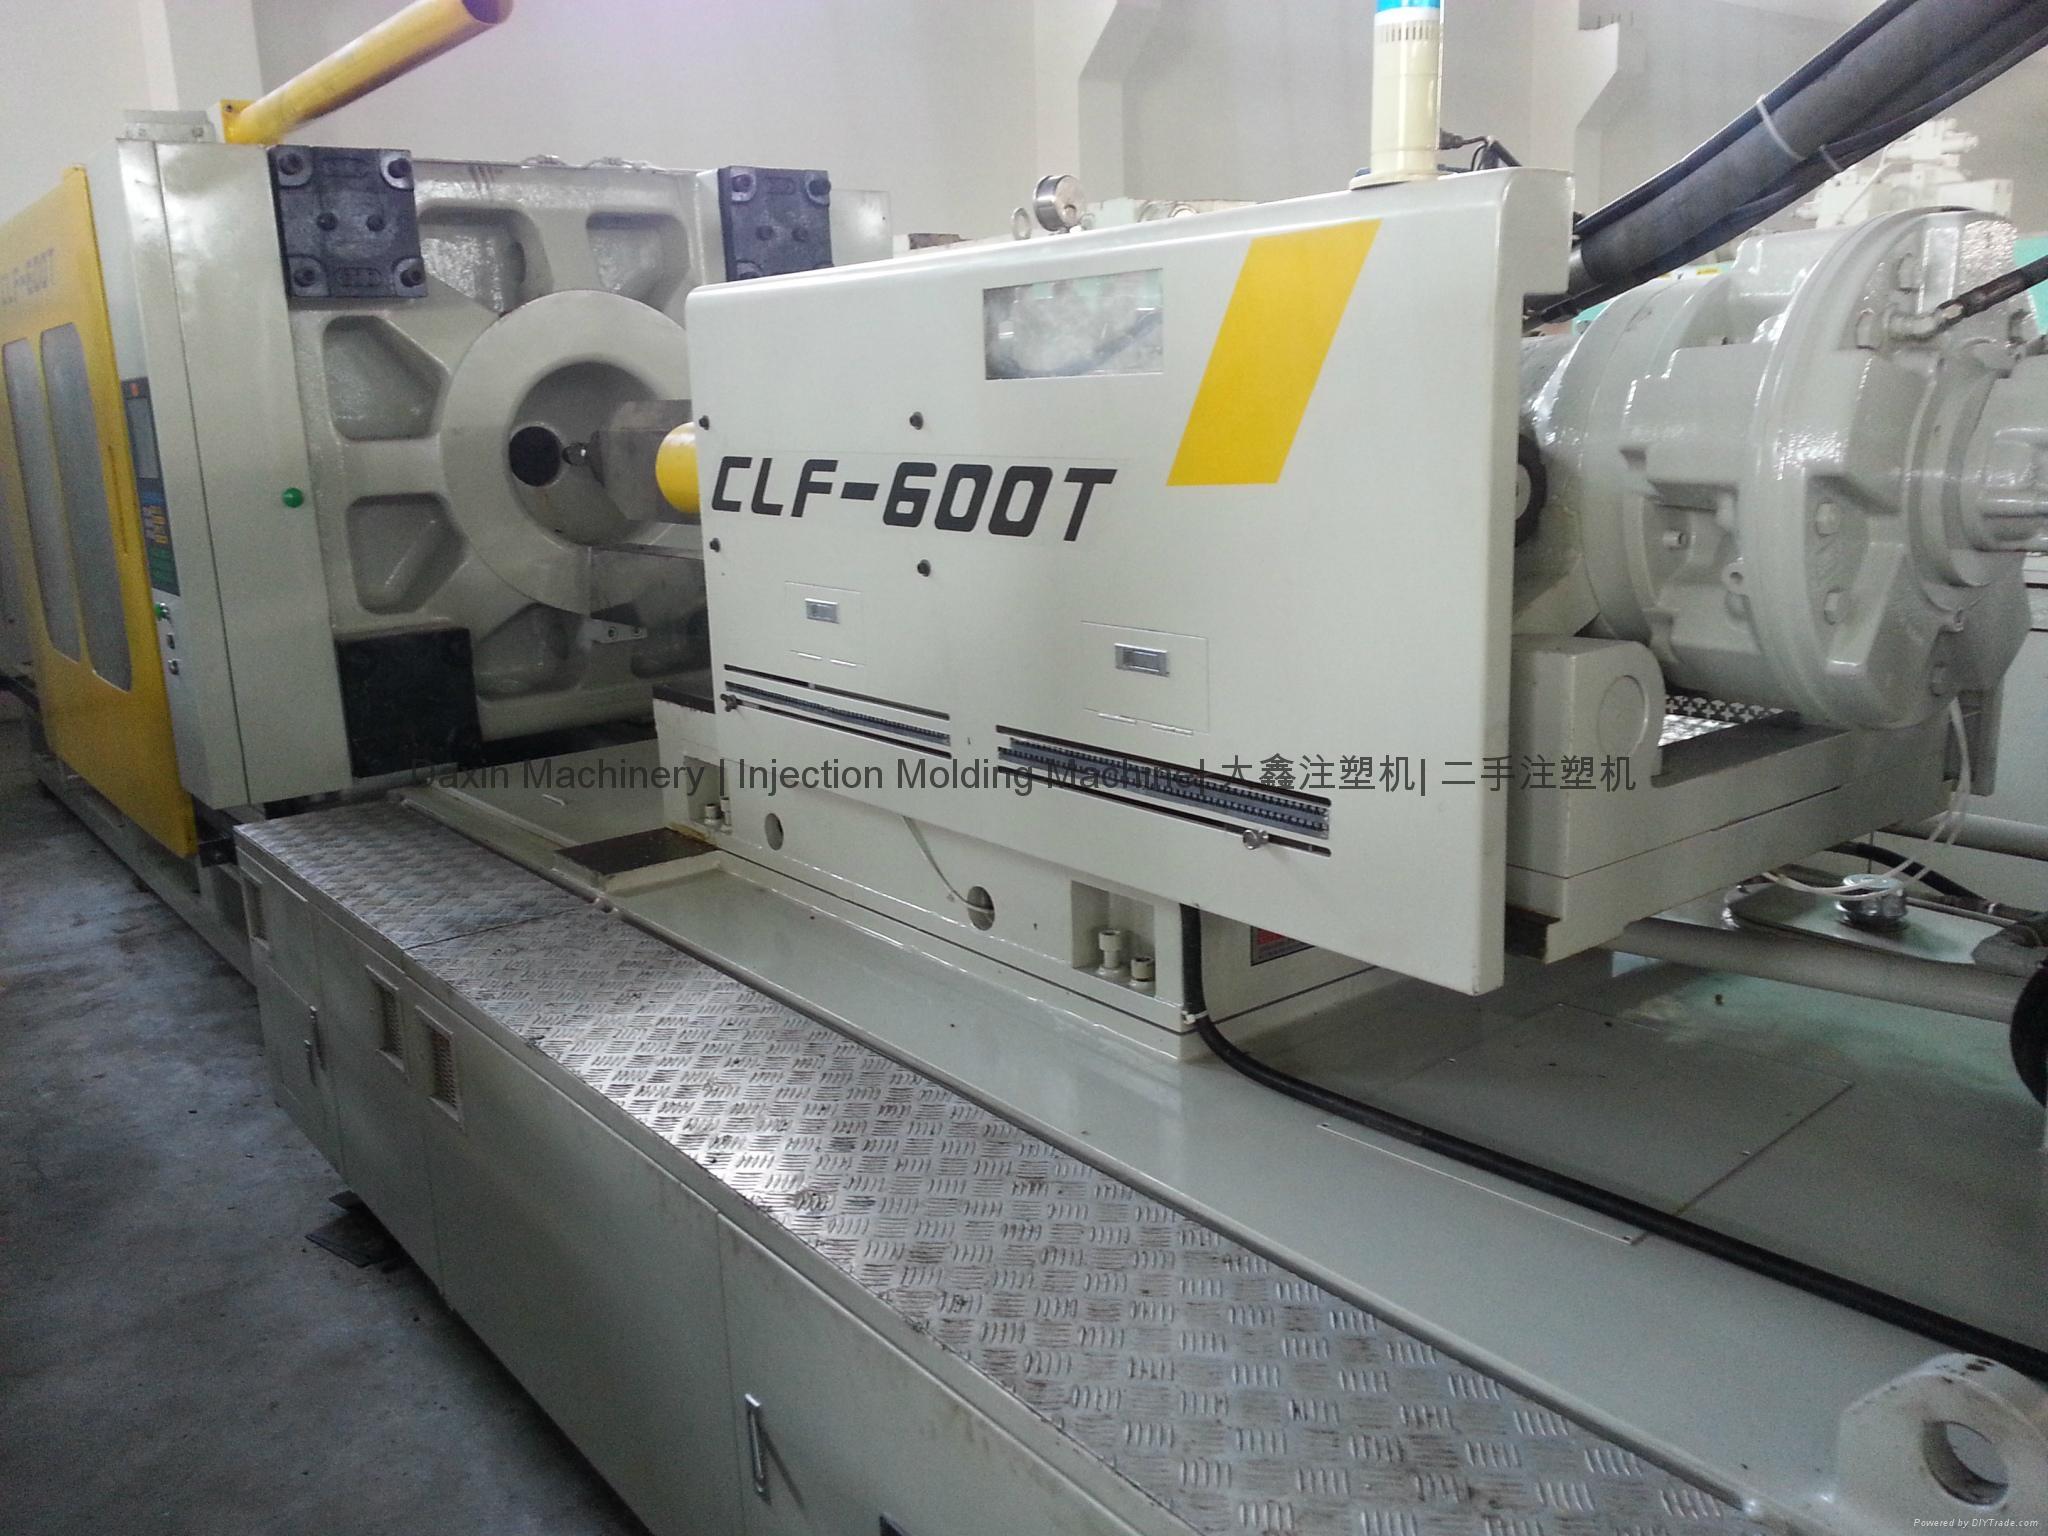 臺灣全立發CLF-600二手注塑機 1